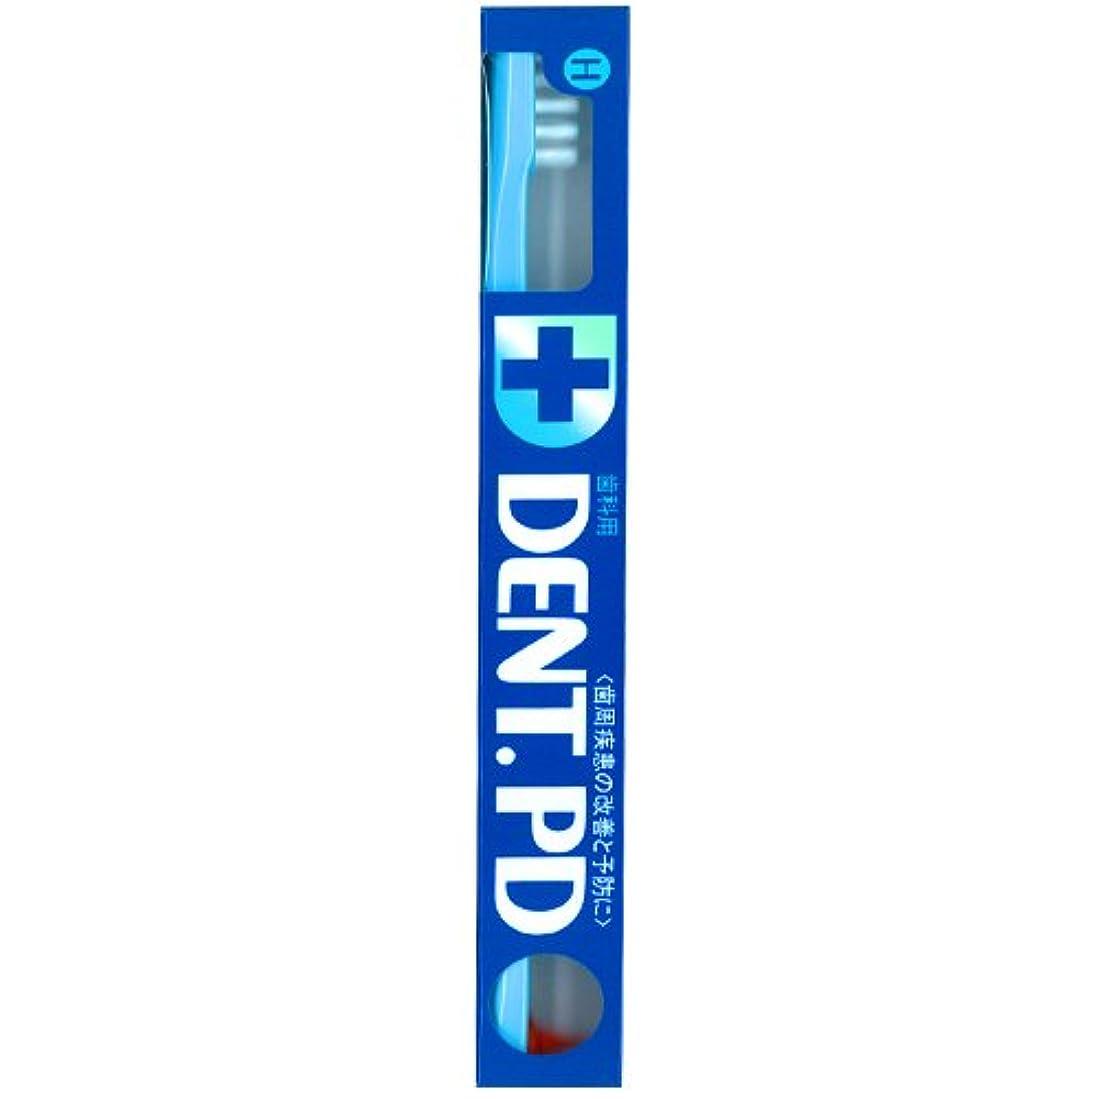 斧修復楽観ライオン DENT.PD歯ブラシ 1本 H (ブルー)